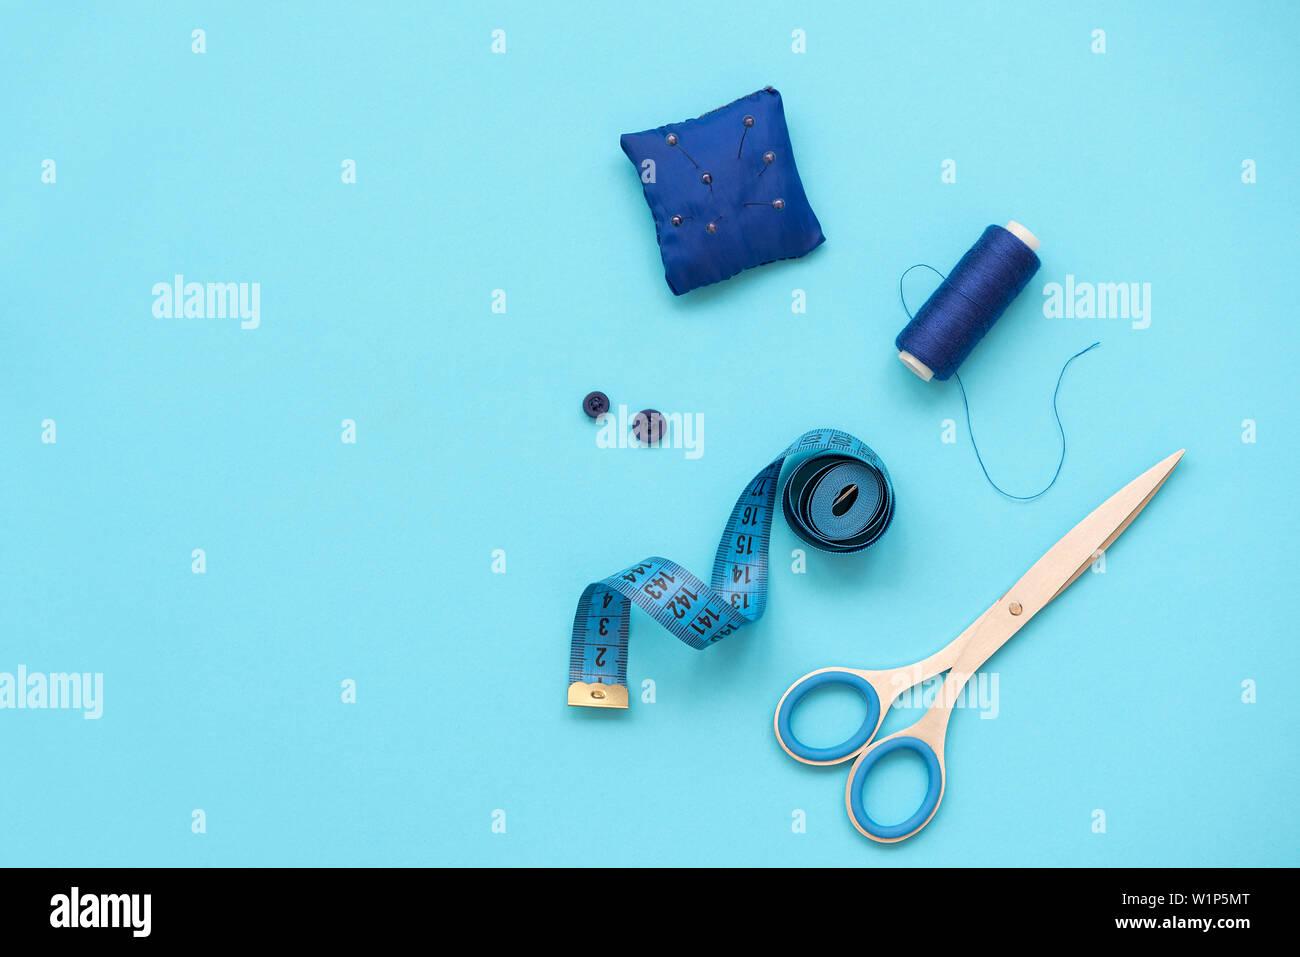 Nähzubehör mit Gewinde, Schere, Stifte, Stoff, Knöpfe und nähen Tape auf blauem Hintergrund. Ansicht von oben. Flach. Stockfoto